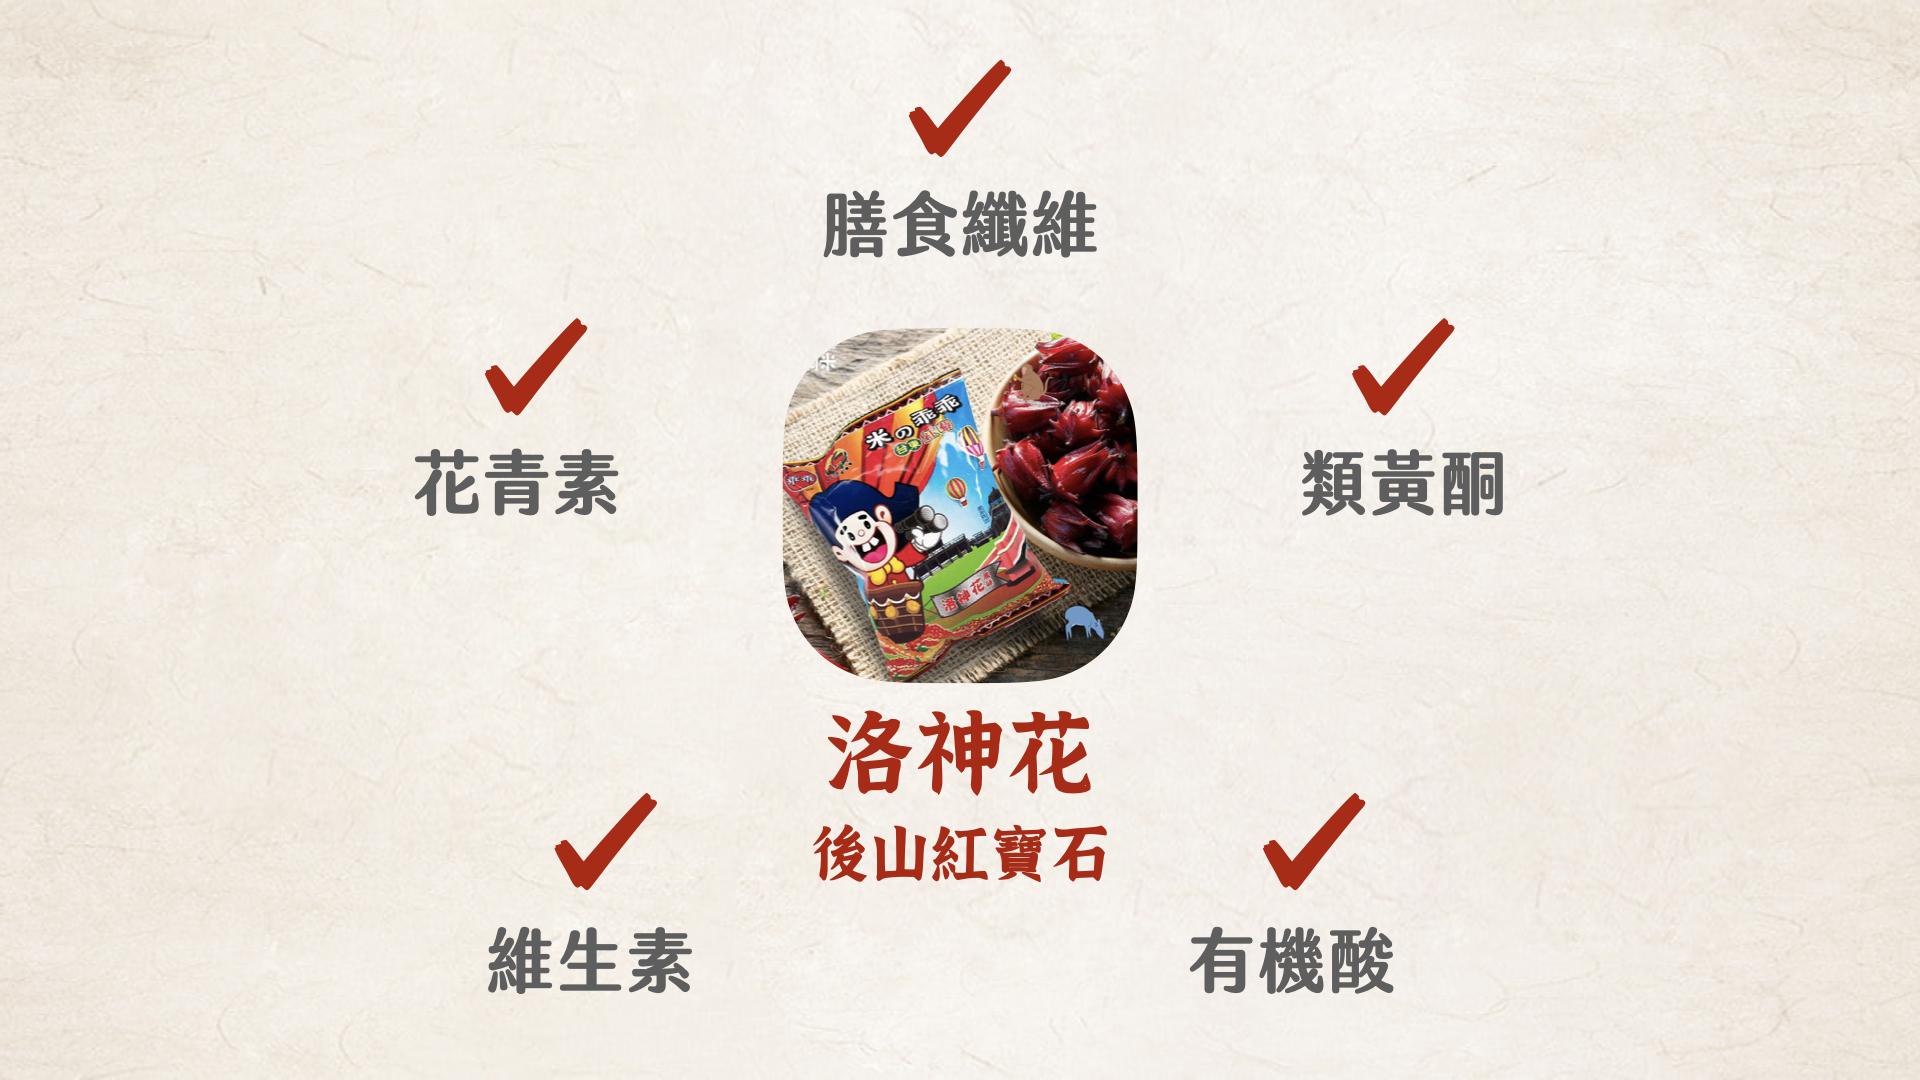 洛神花也稱為後山紅寶石,富有膳食纖維、花青素、維生素、有機酸、類黃酮